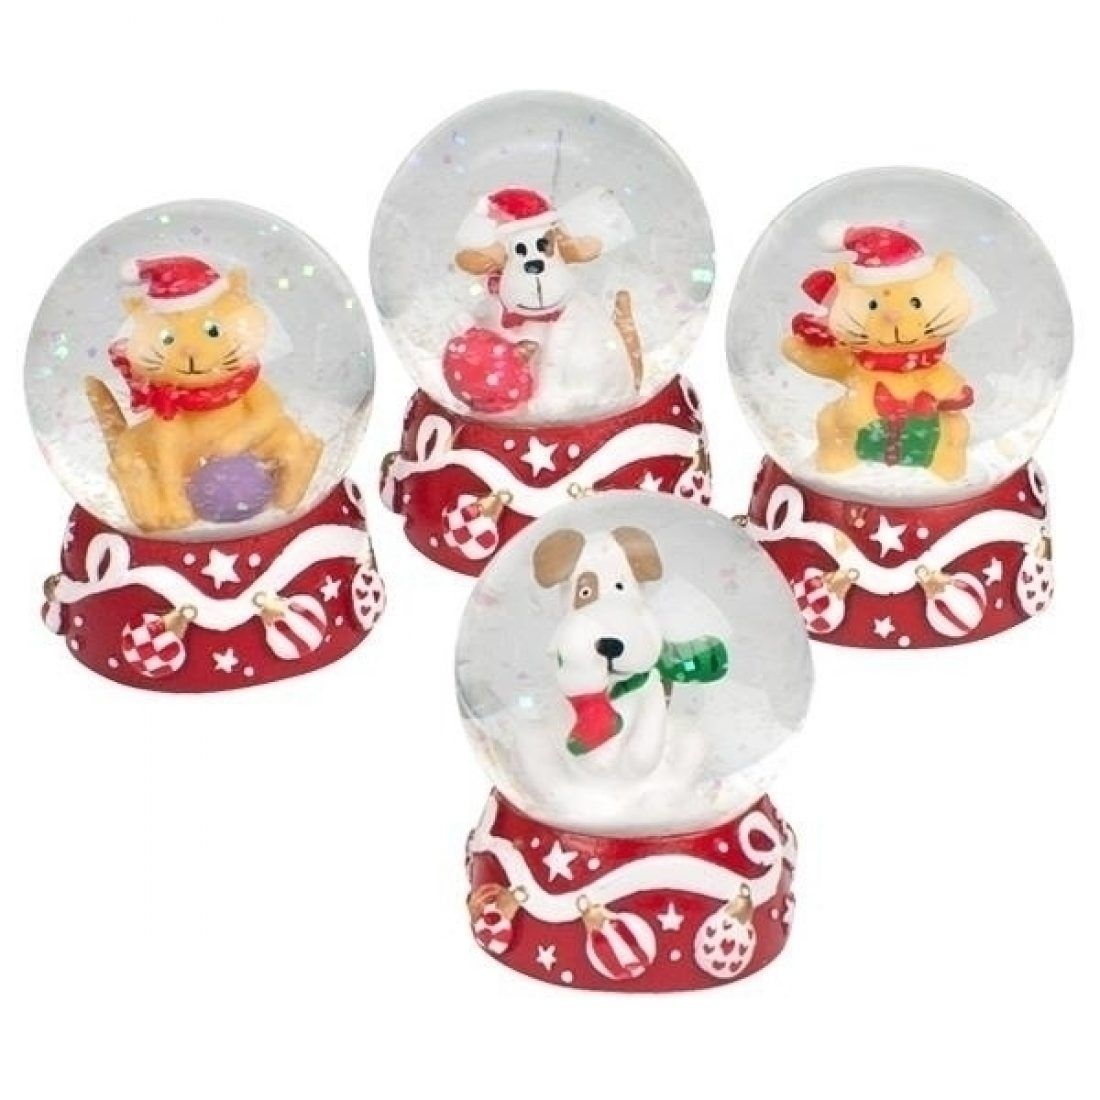 Wunschkugel - Merry Christmas